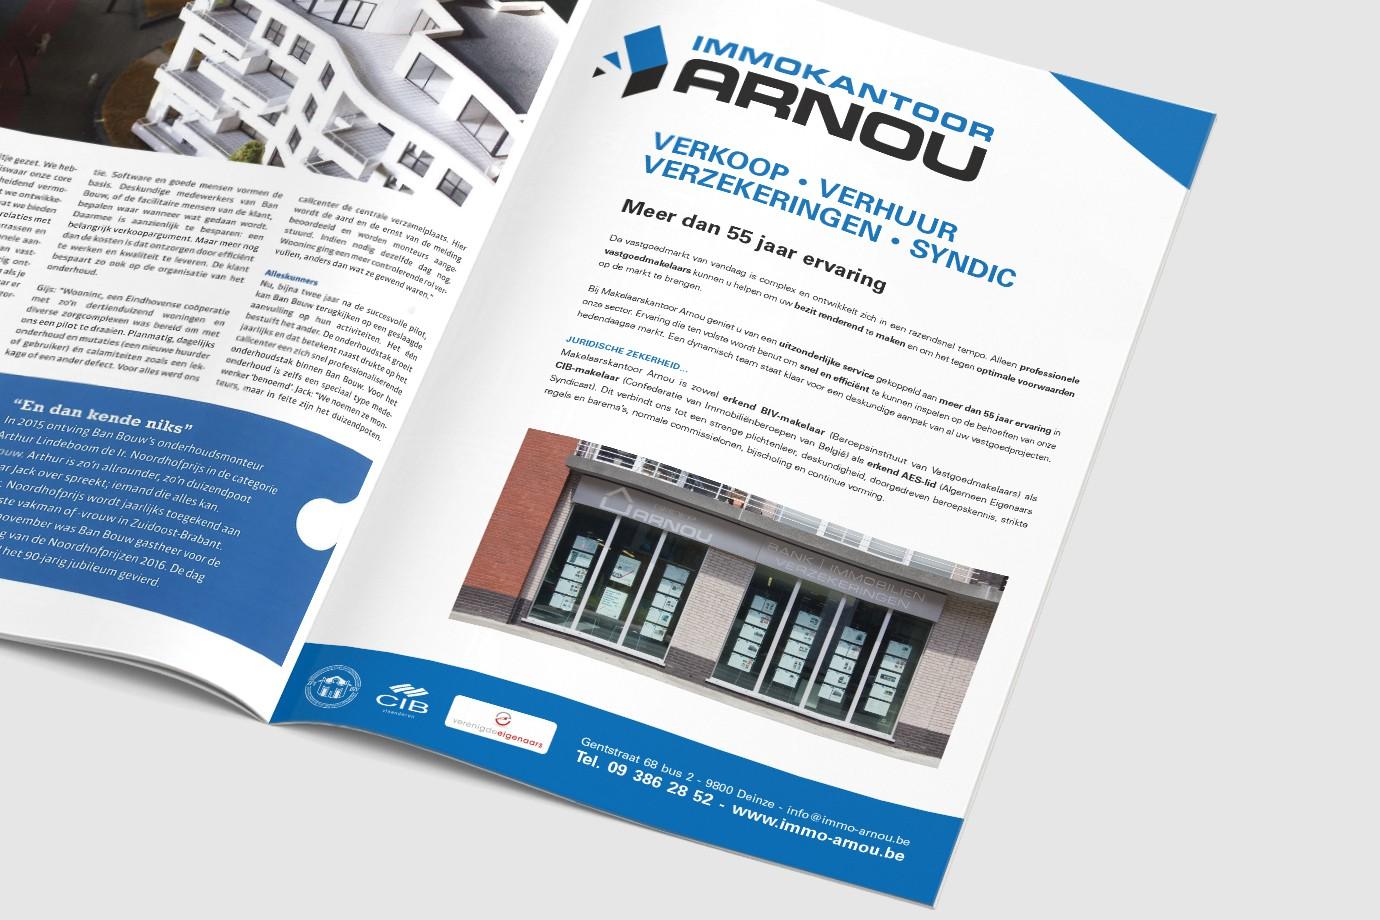 Arnou Immokantoor Advertentie